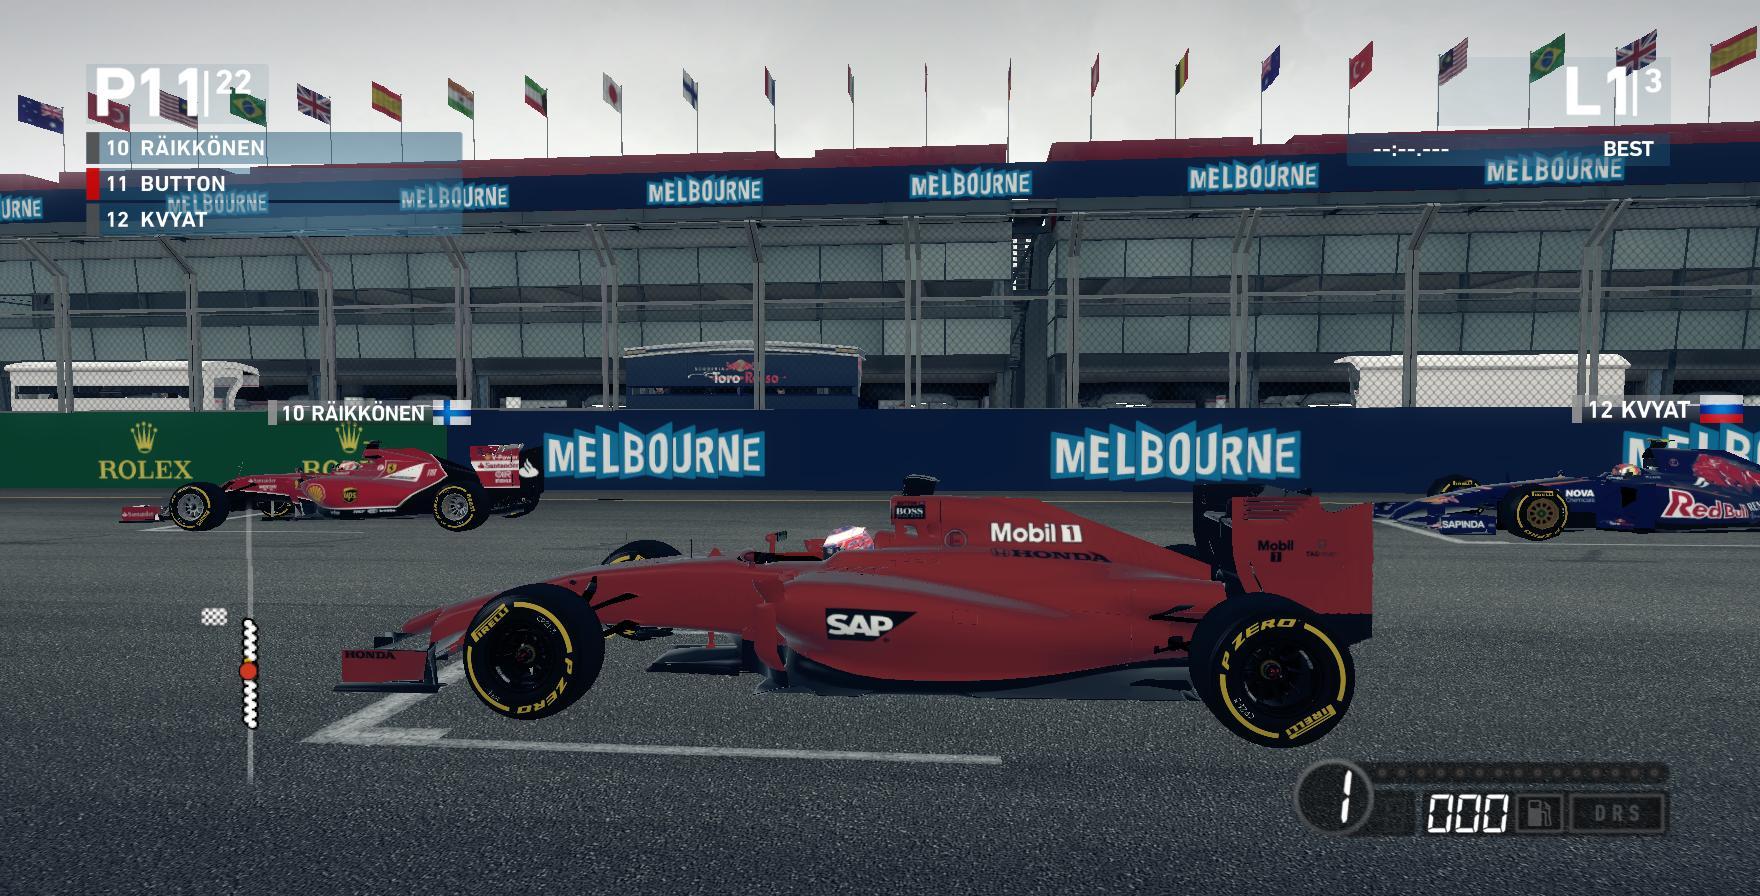 F1_2014 2014-10-20 20-16-07-49.jpg